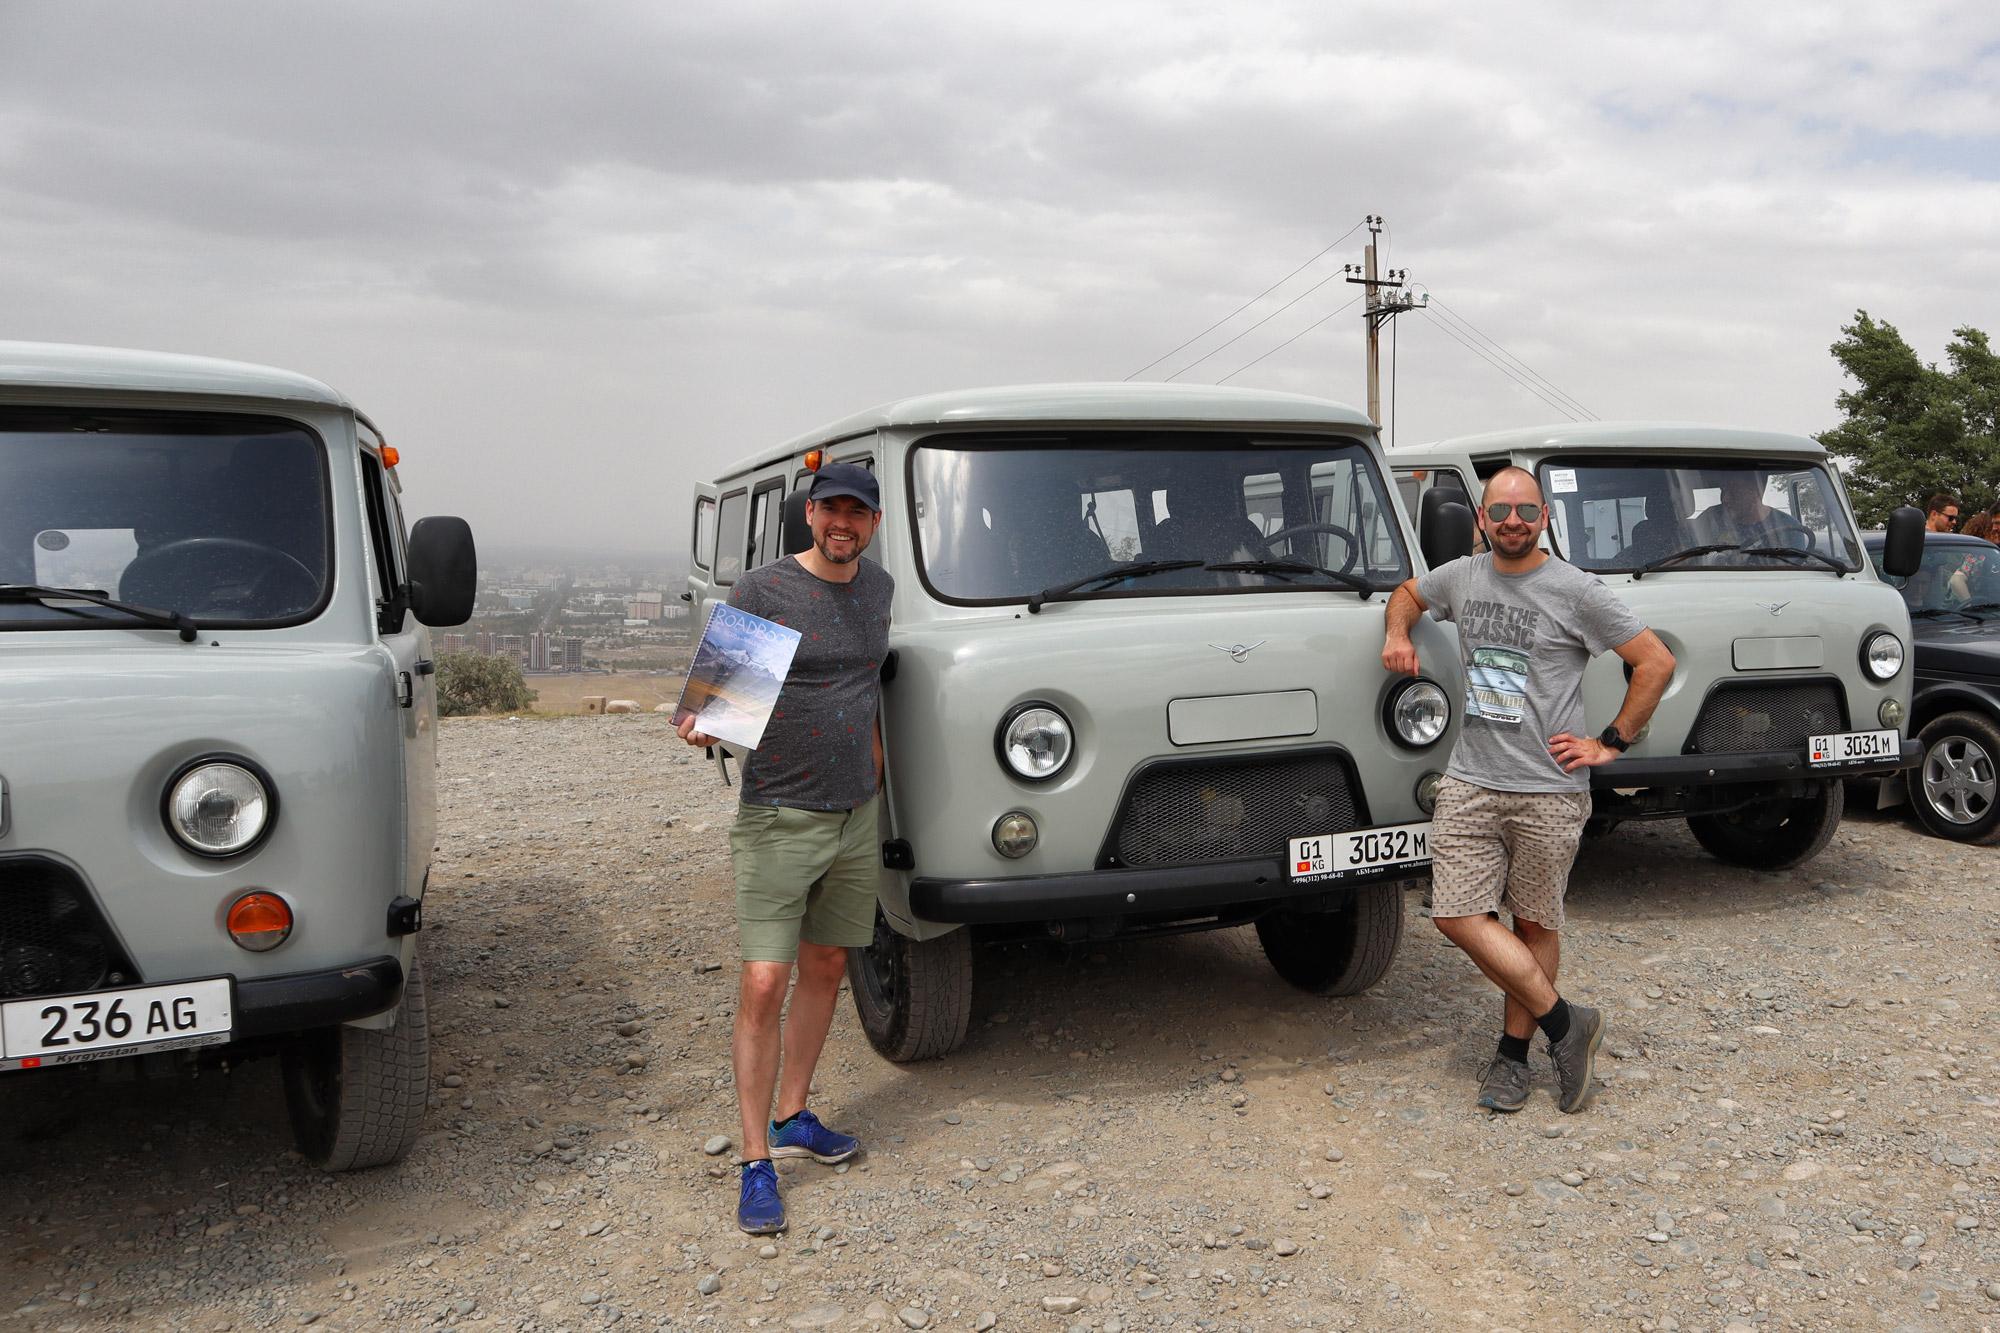 Mijn avontuurlijke roadtrip door Kirgizië met De Verdwaalde Jongens